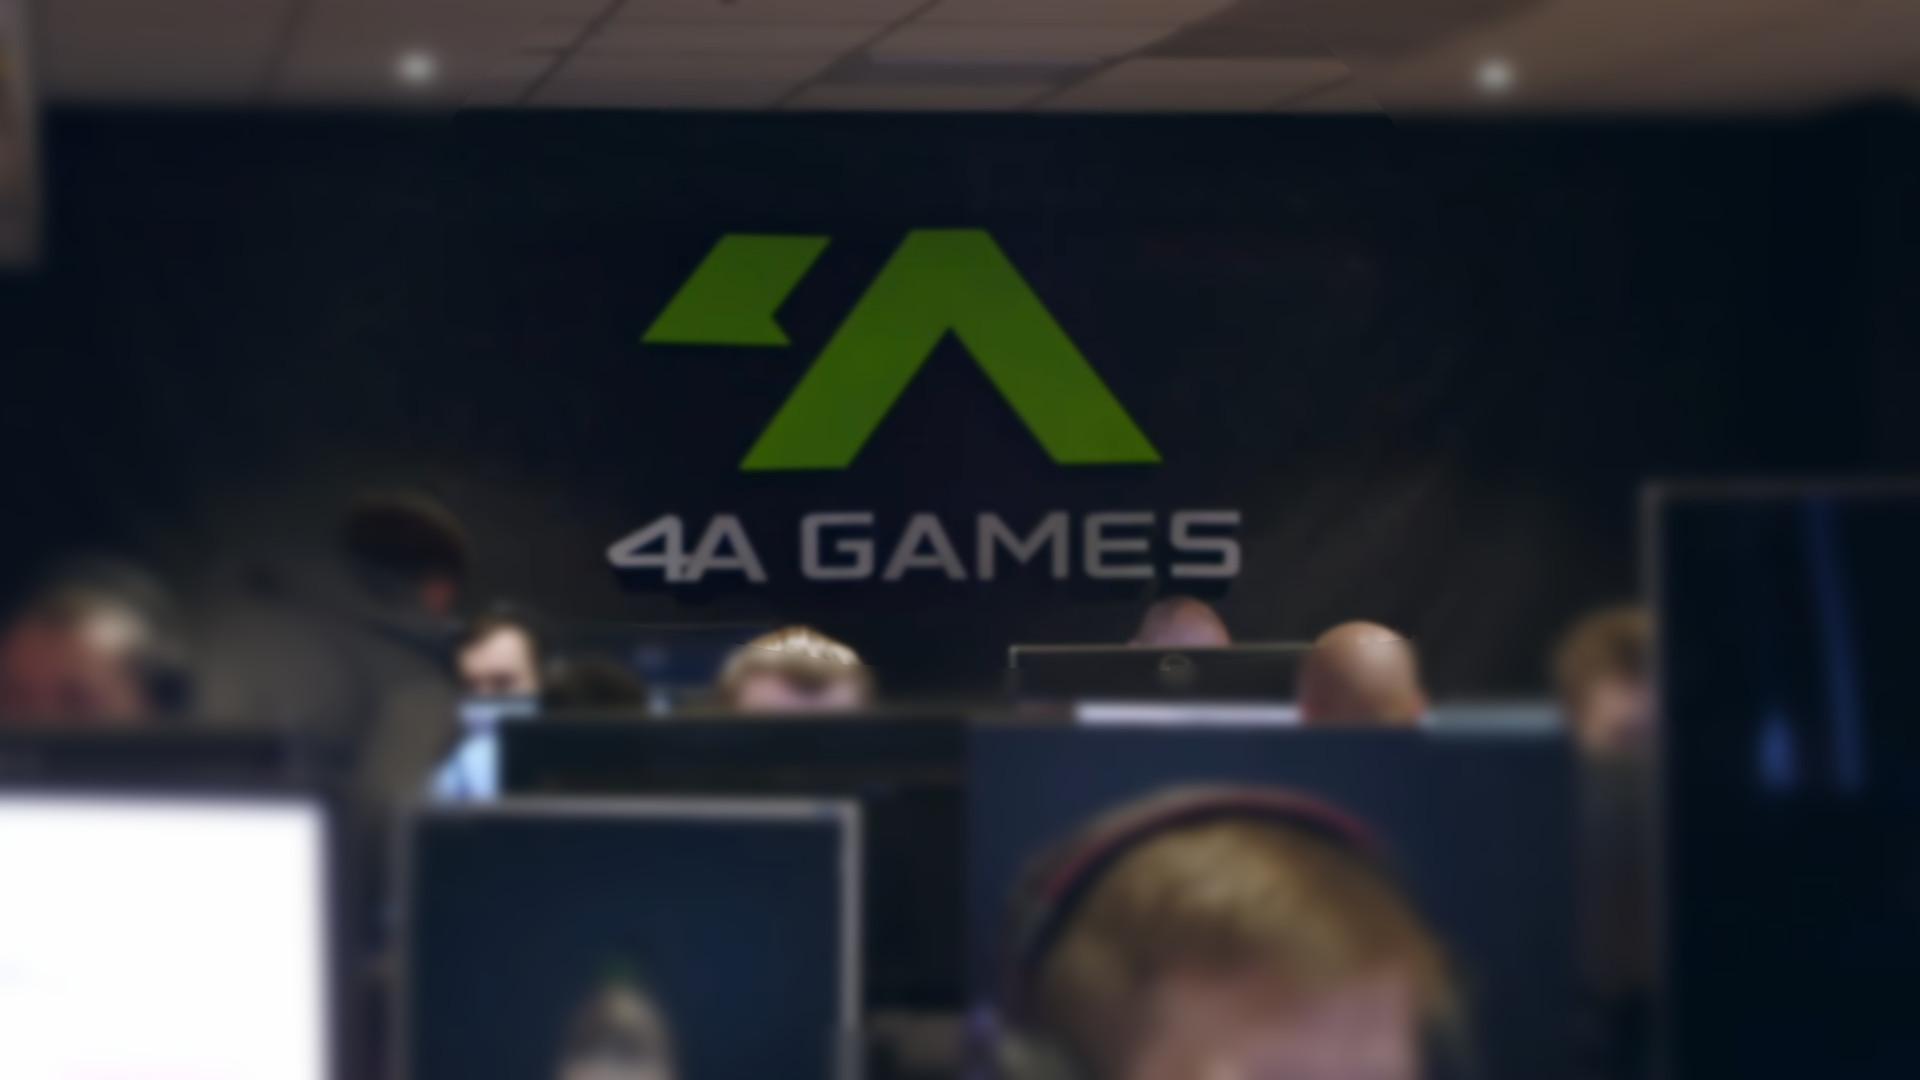 Připravovanou hru od 4A Games vydá THQ Nordic